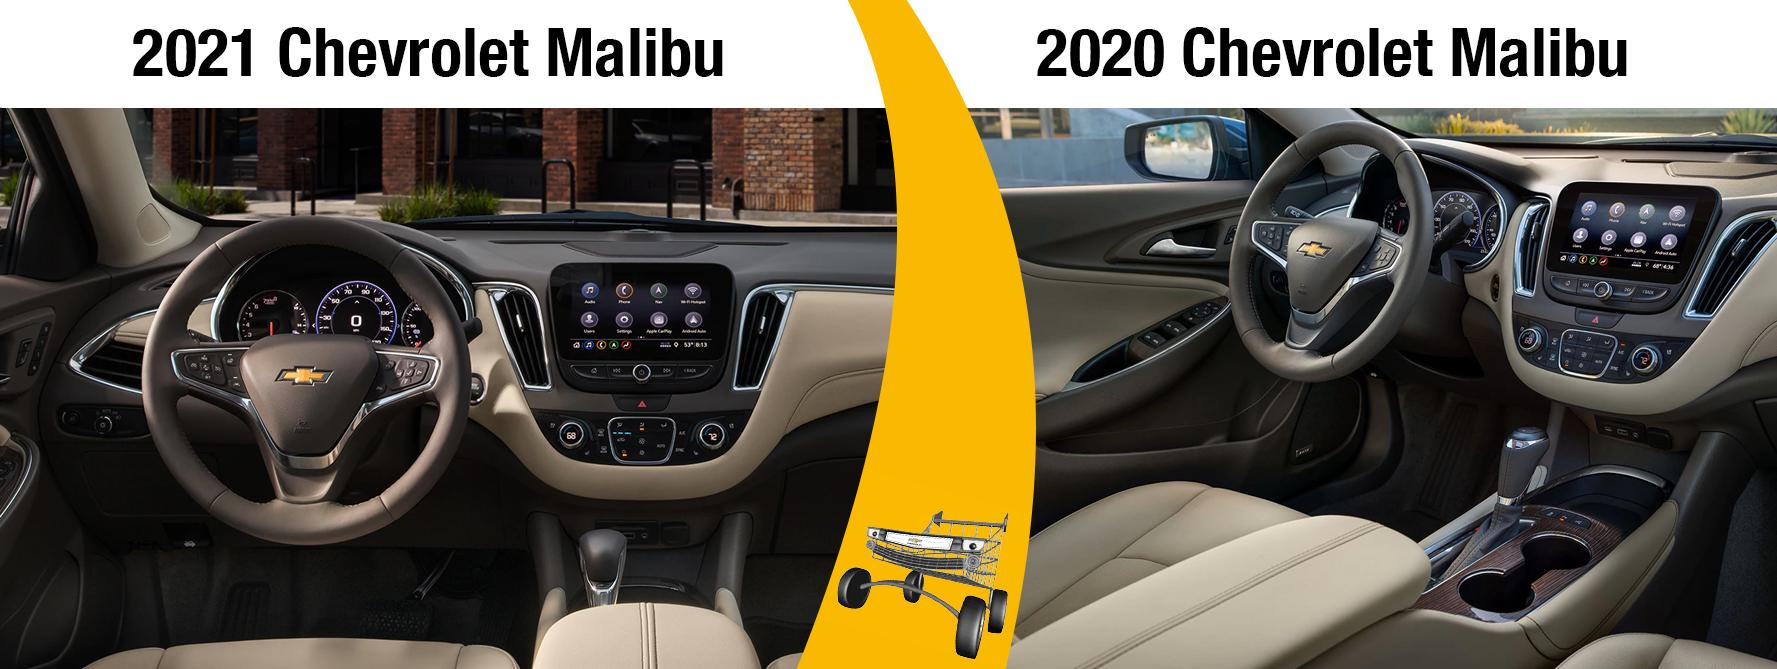 2021 Malibu Features